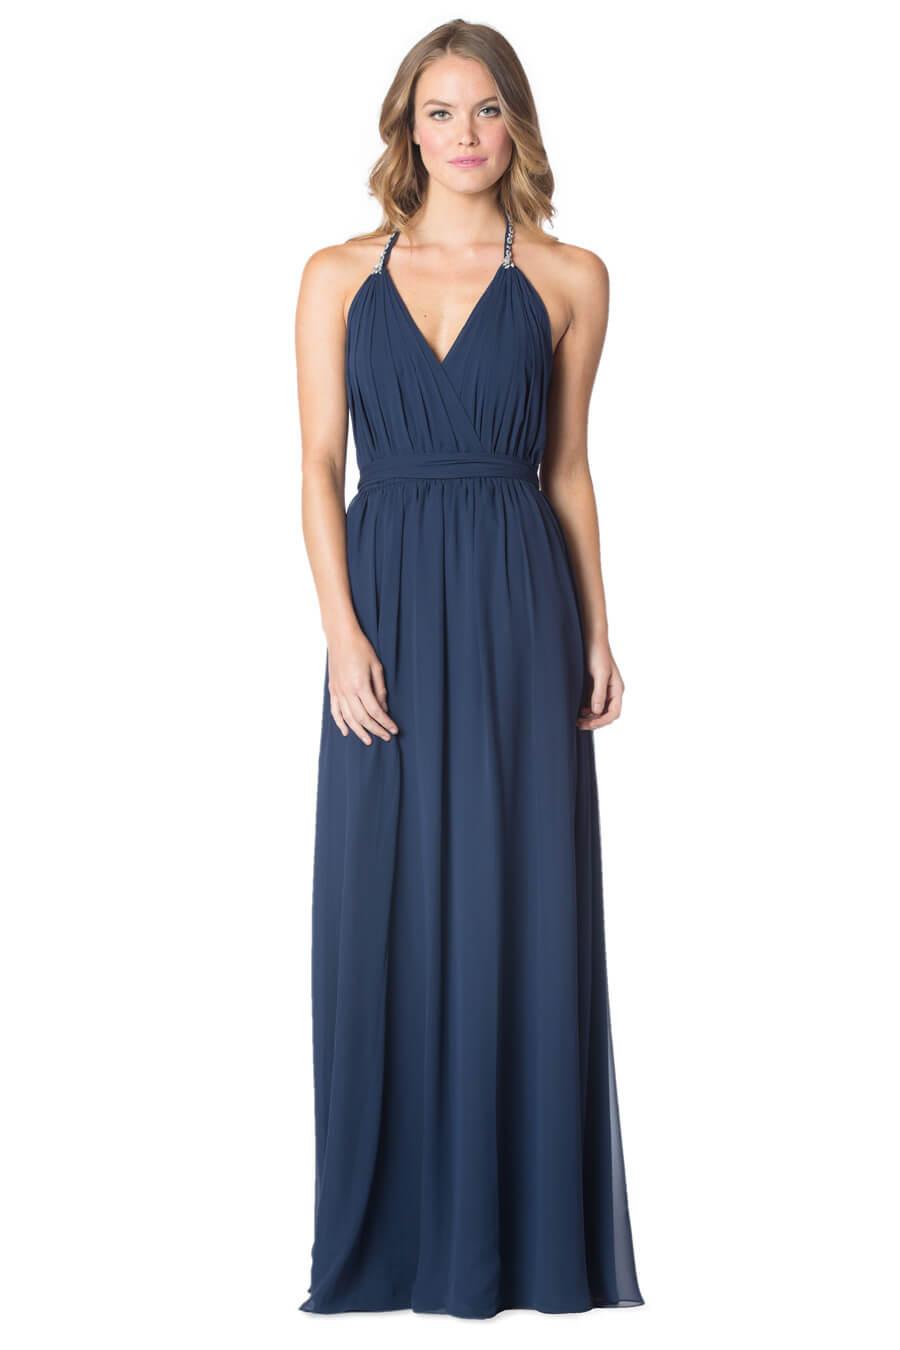 Bari Jay Flower Girl Dresses